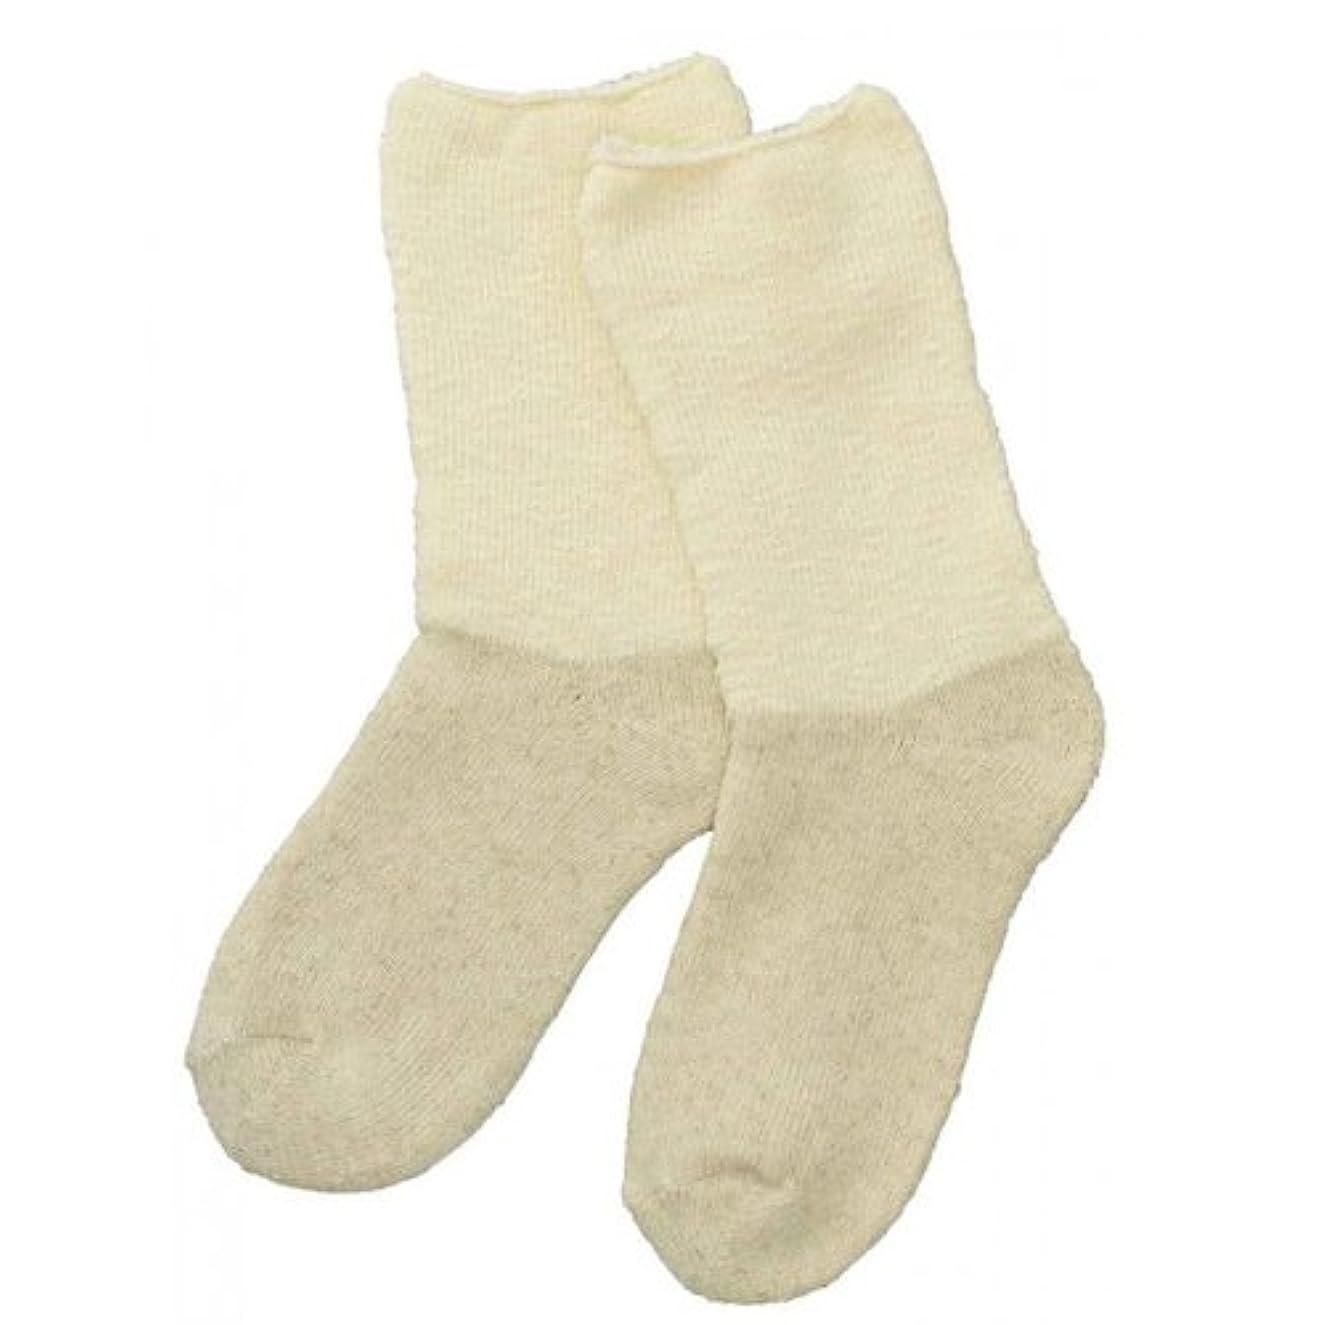 告発者磁器罹患率Carelance(ケアランス)お風呂上りのやさしい靴下 綿麻パイルで足先さわやか 8706CA-31 クリーム